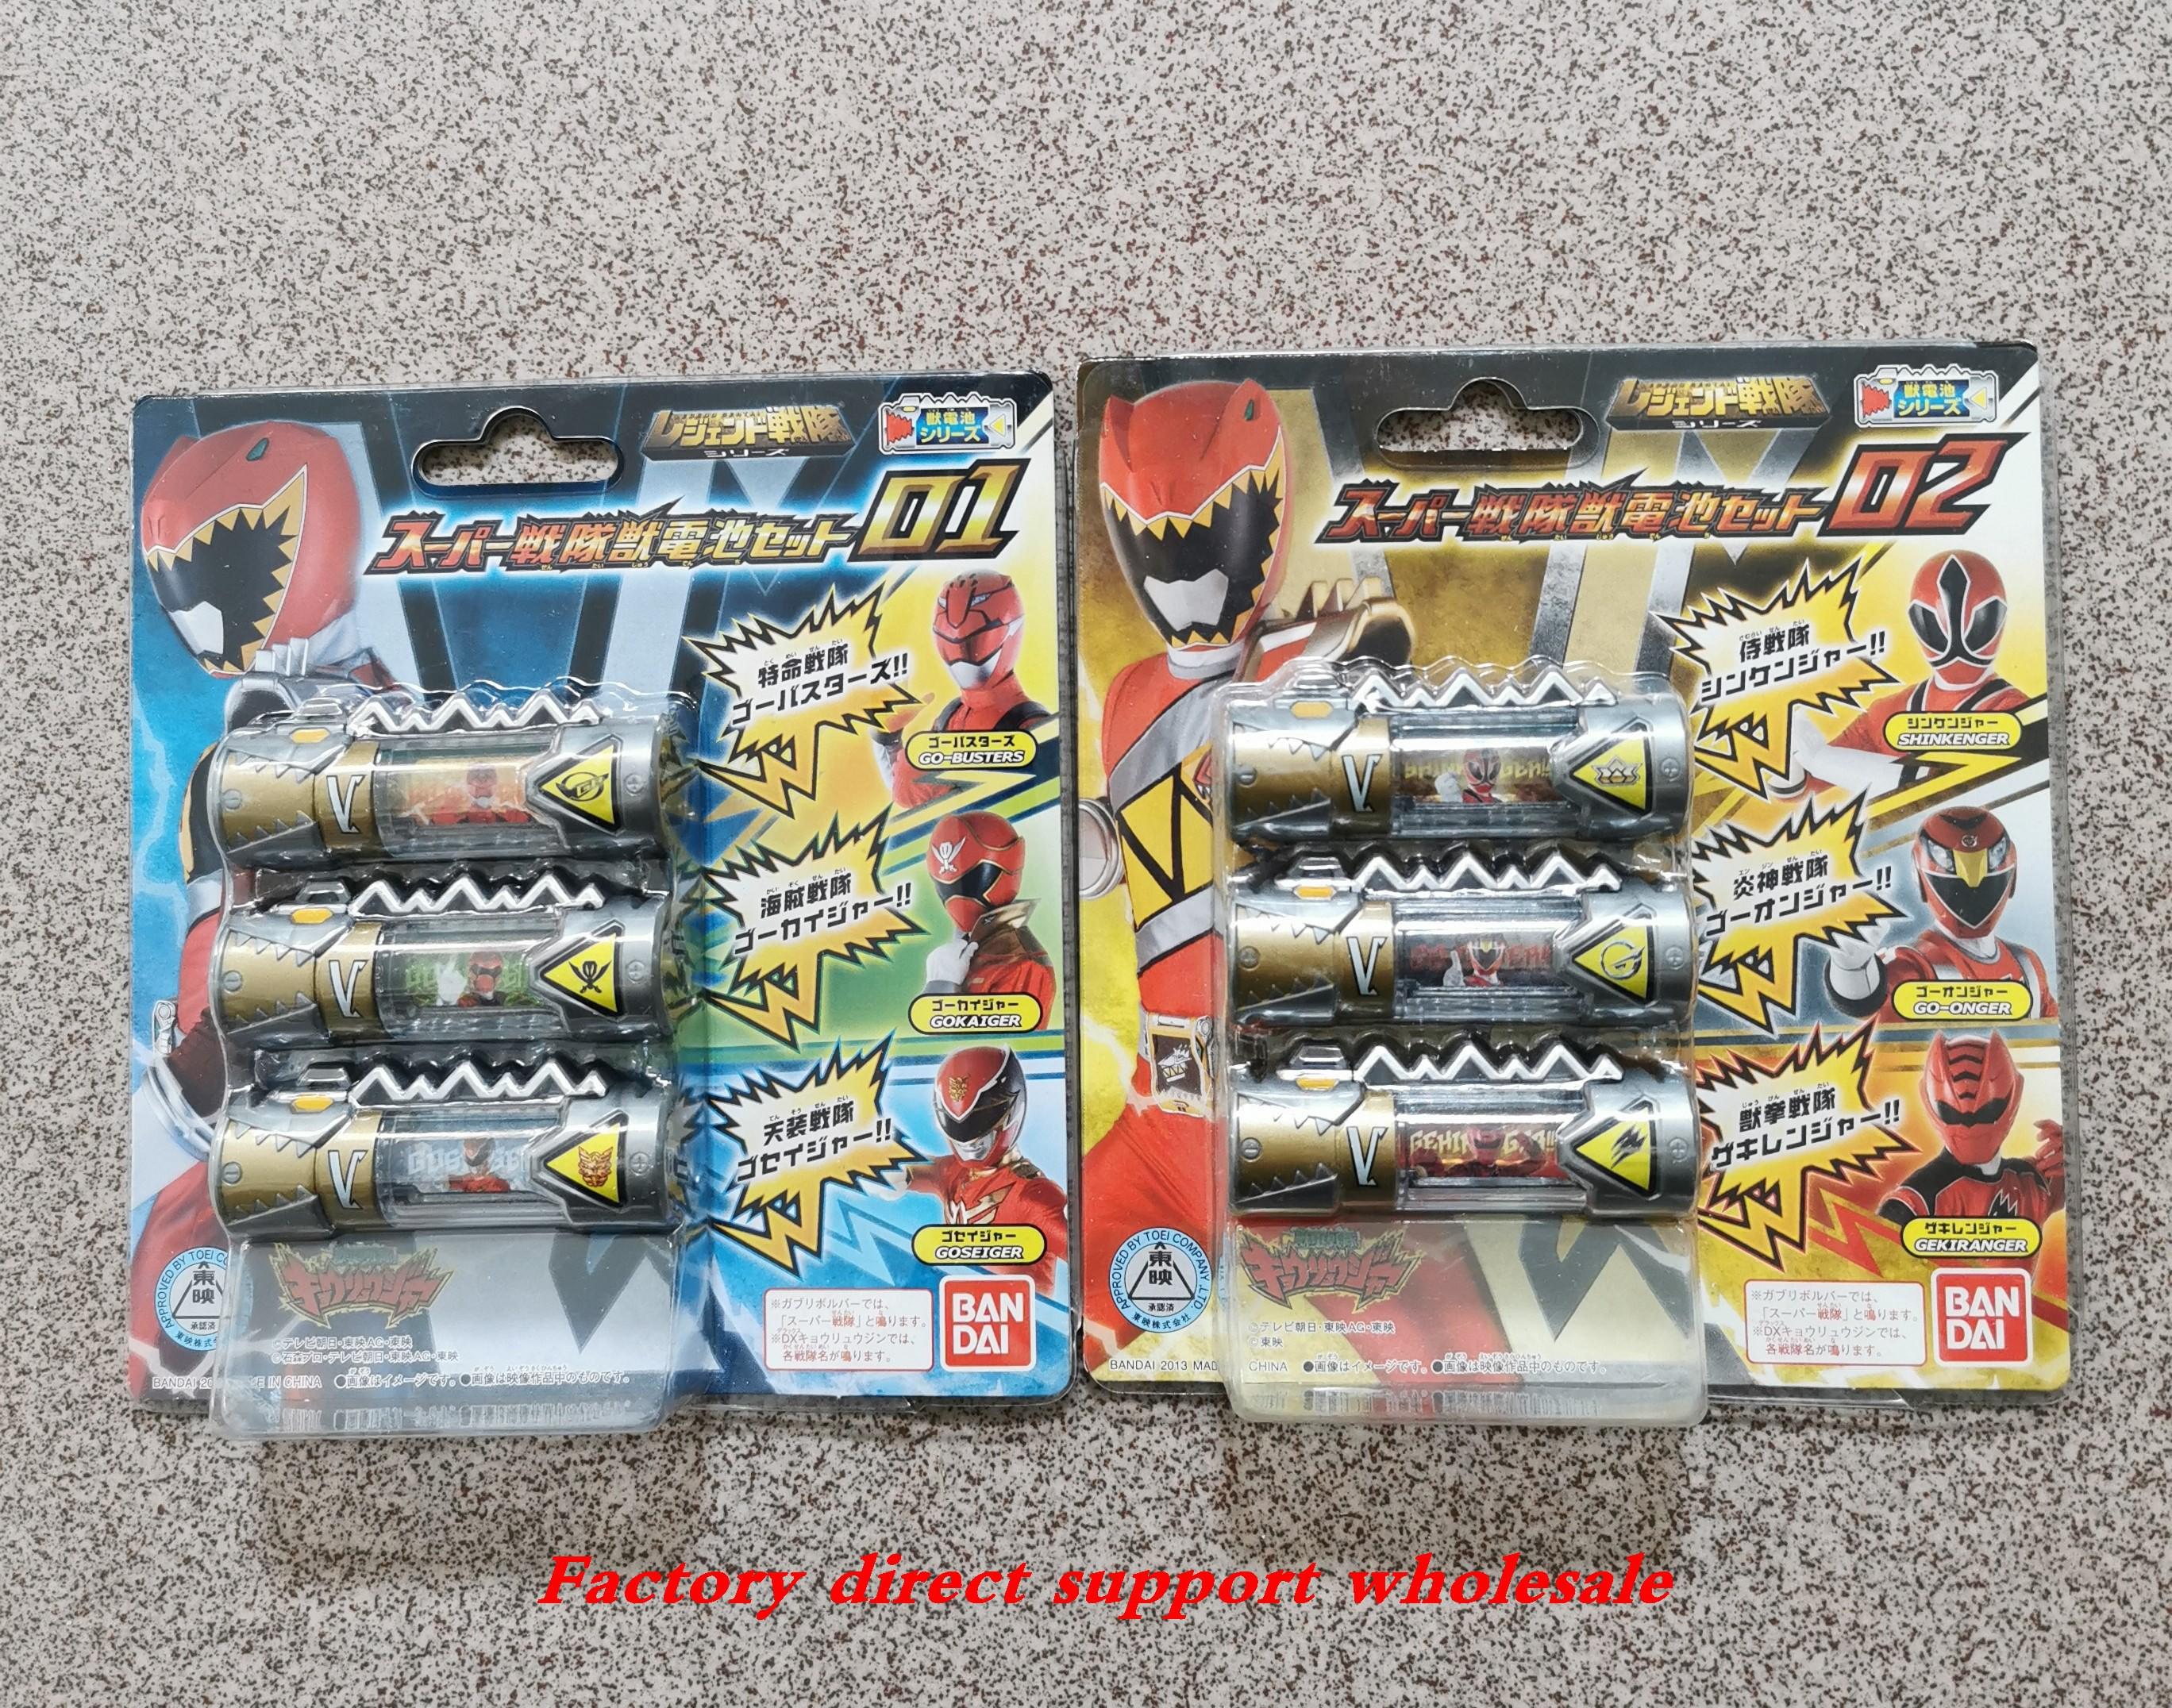 獸電戰隊強龍者 DX獸電池 戰隊套裝 特命海賊武侍獸拳炎神 現貨